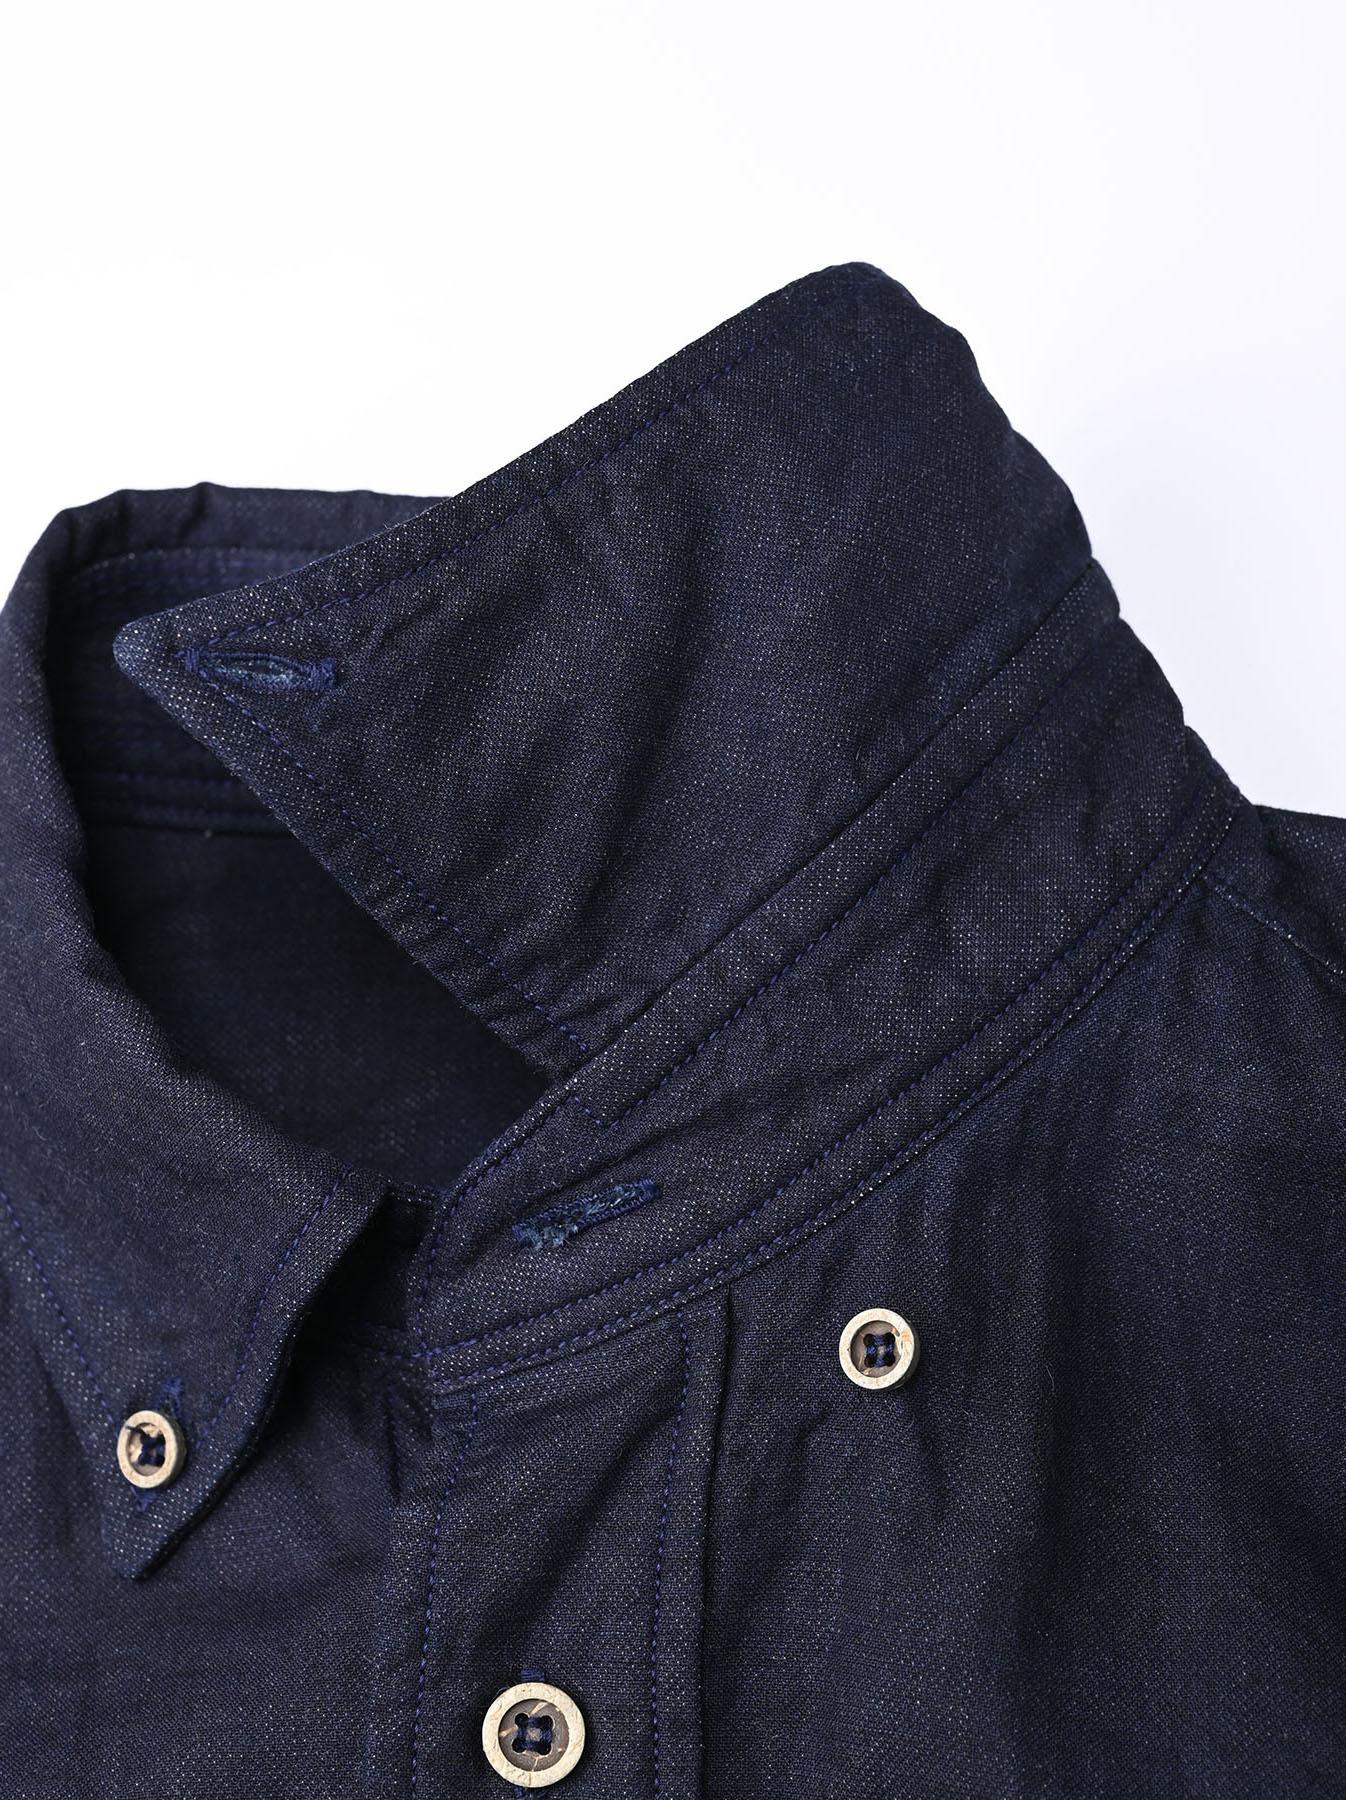 Indigo Gauze 908 Ocean Shirt-7